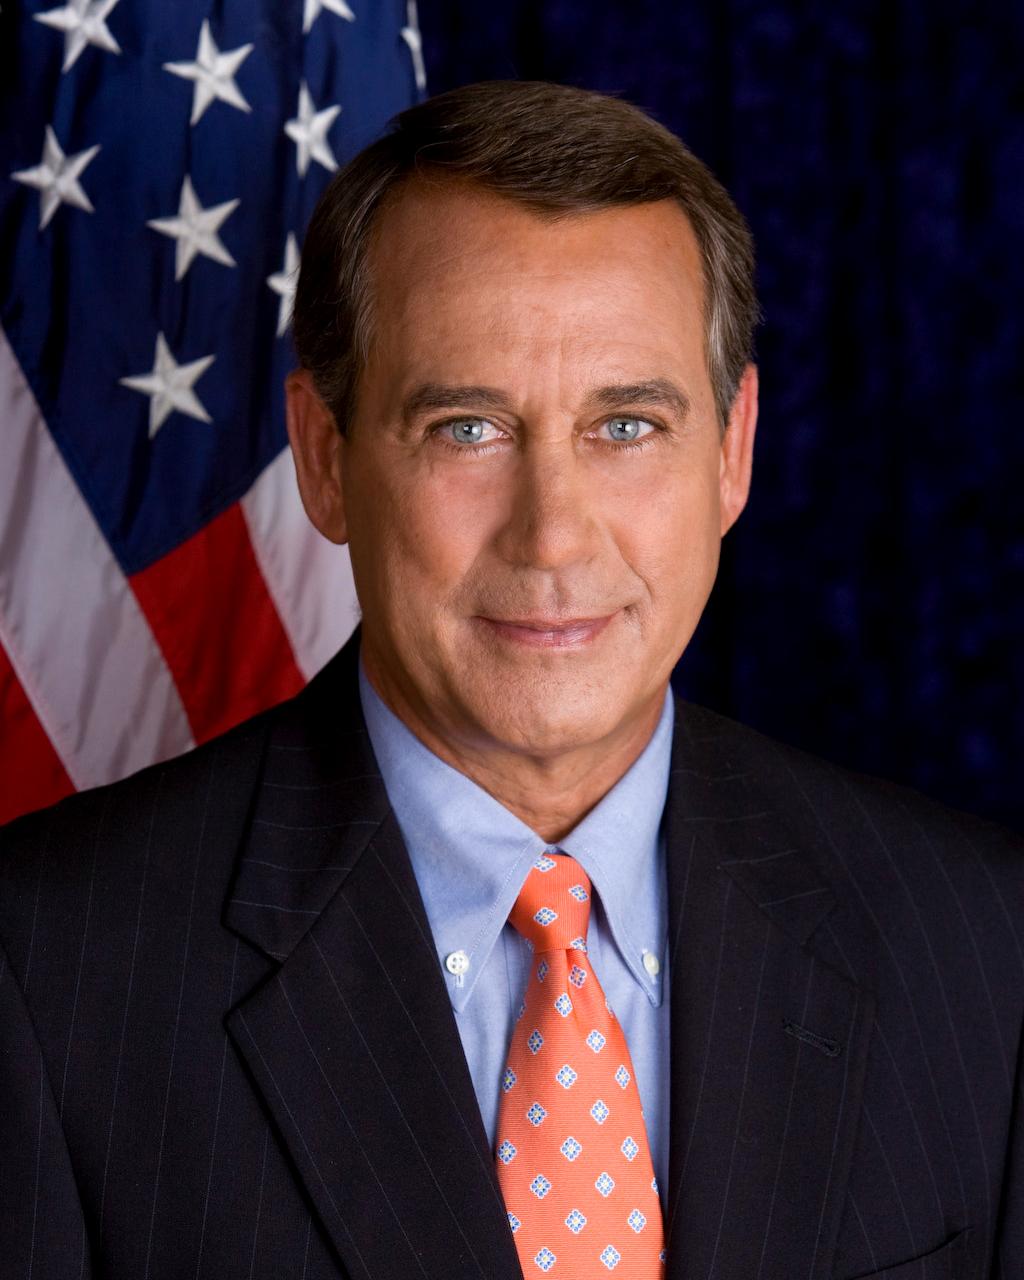 John_Boehner_official_portrait.jpg